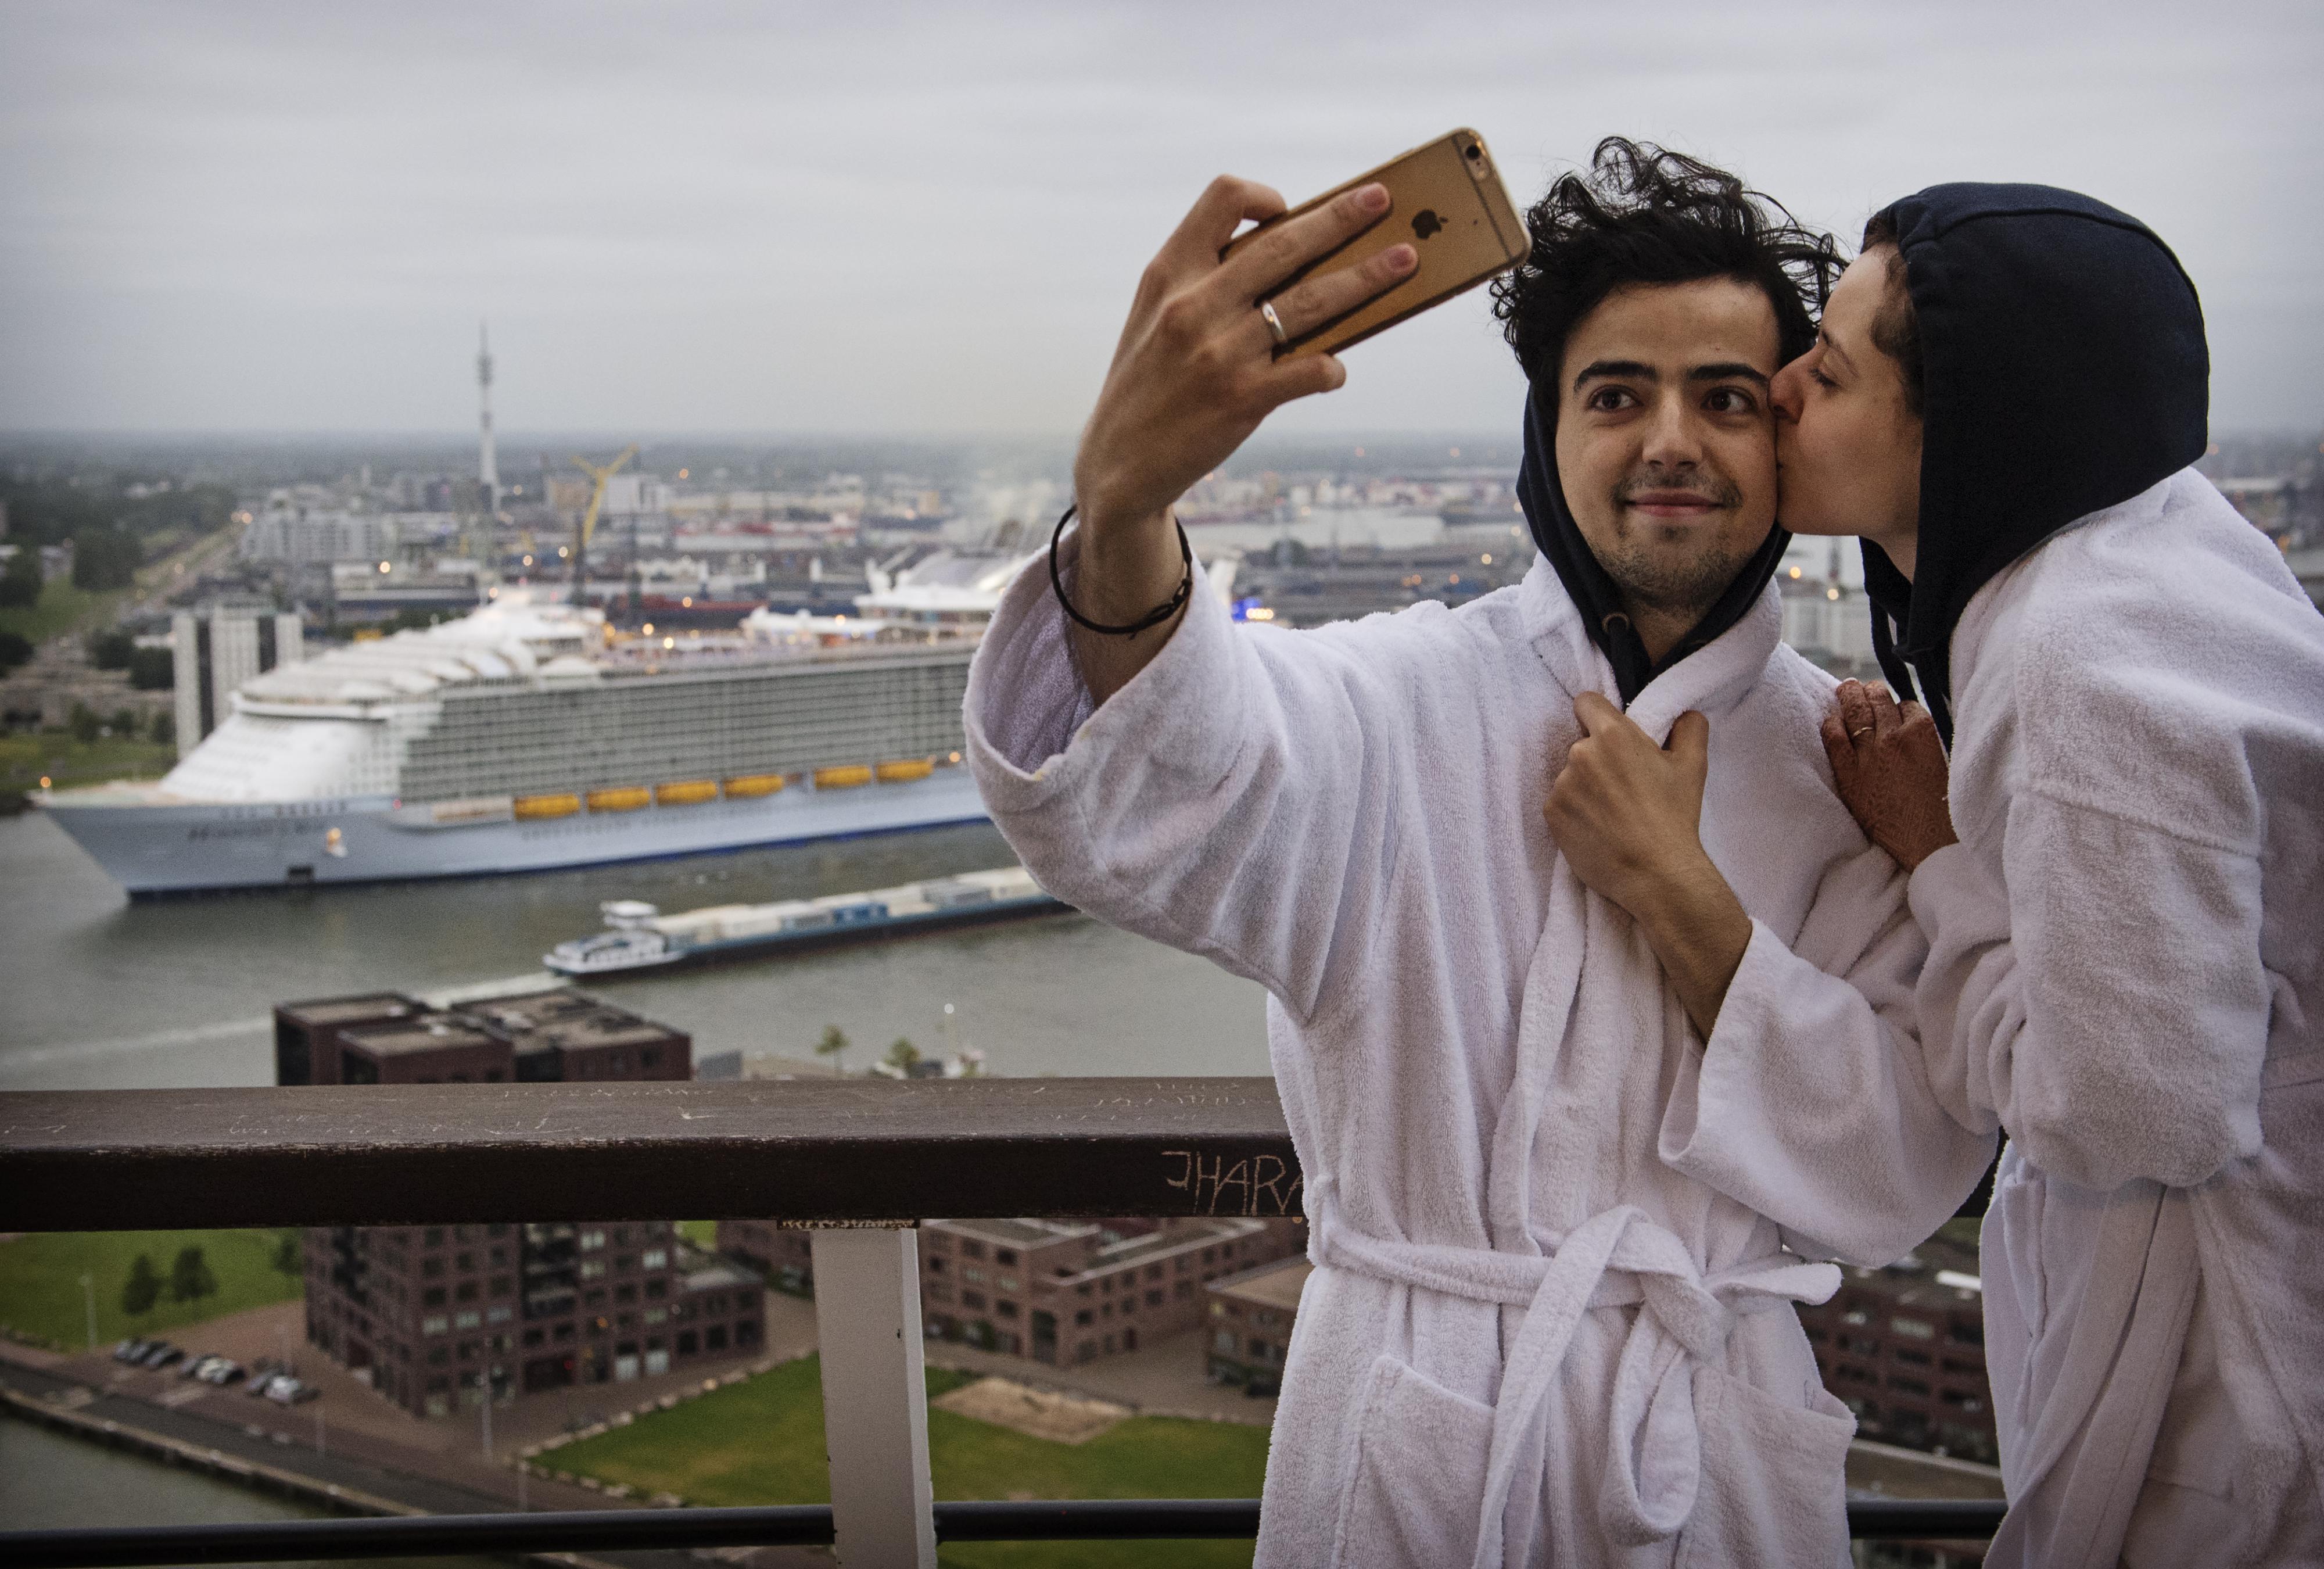 Dit zijn de populairste attracties op Instagram